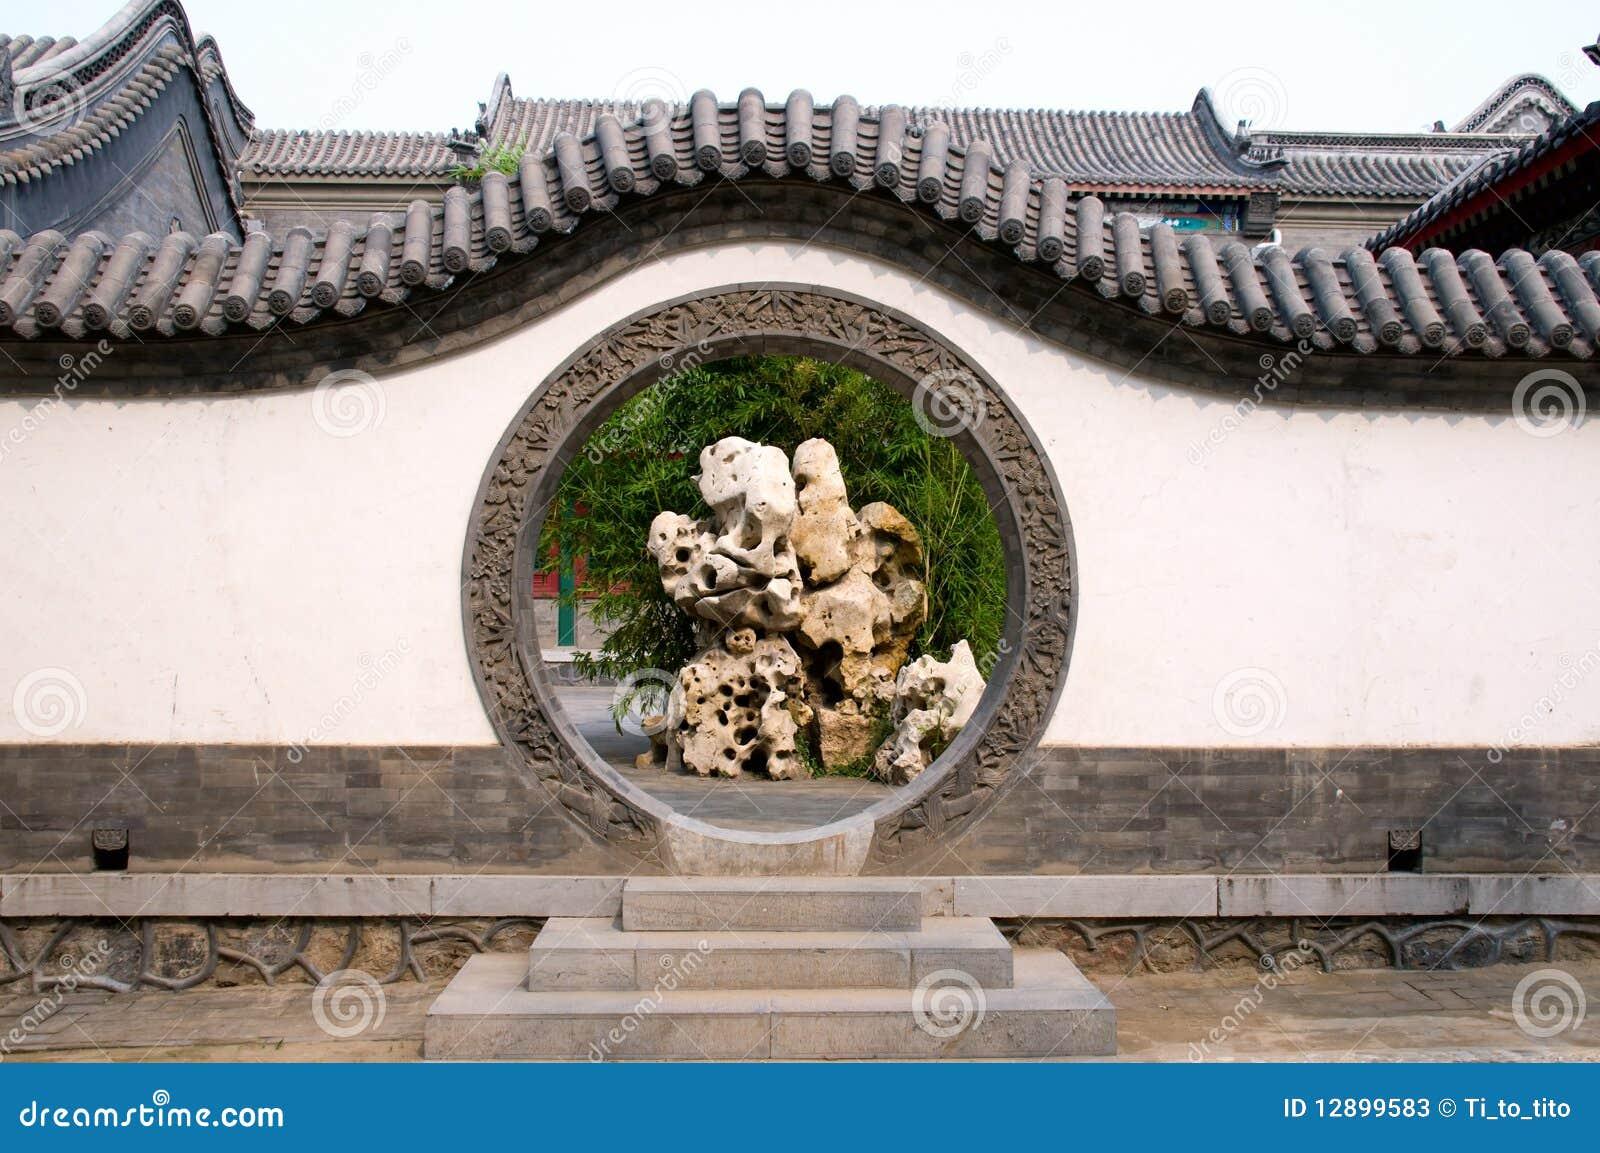 Circle Entrance Of Chinese Garden Stock Photos - Image ...